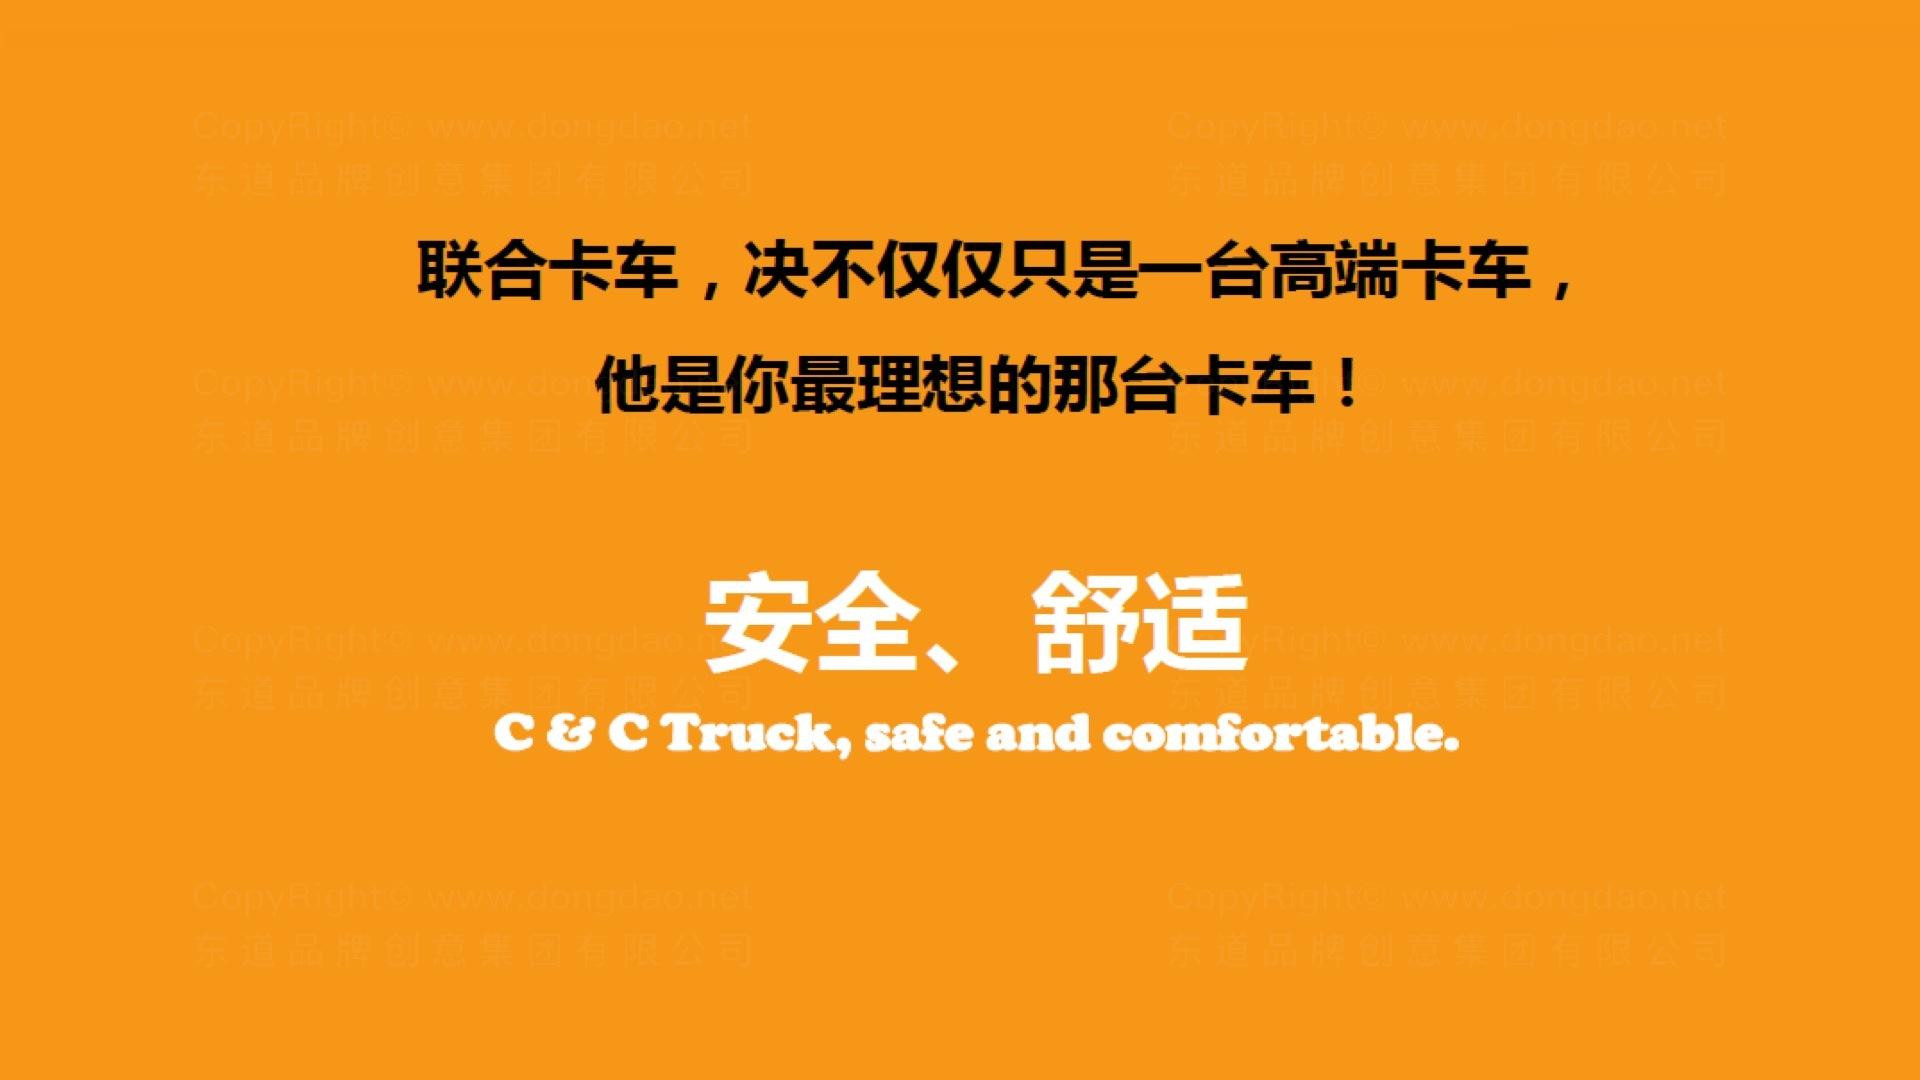 品牌战略&企业文化联合卡车联合卡车品牌战略规划应用场景_2